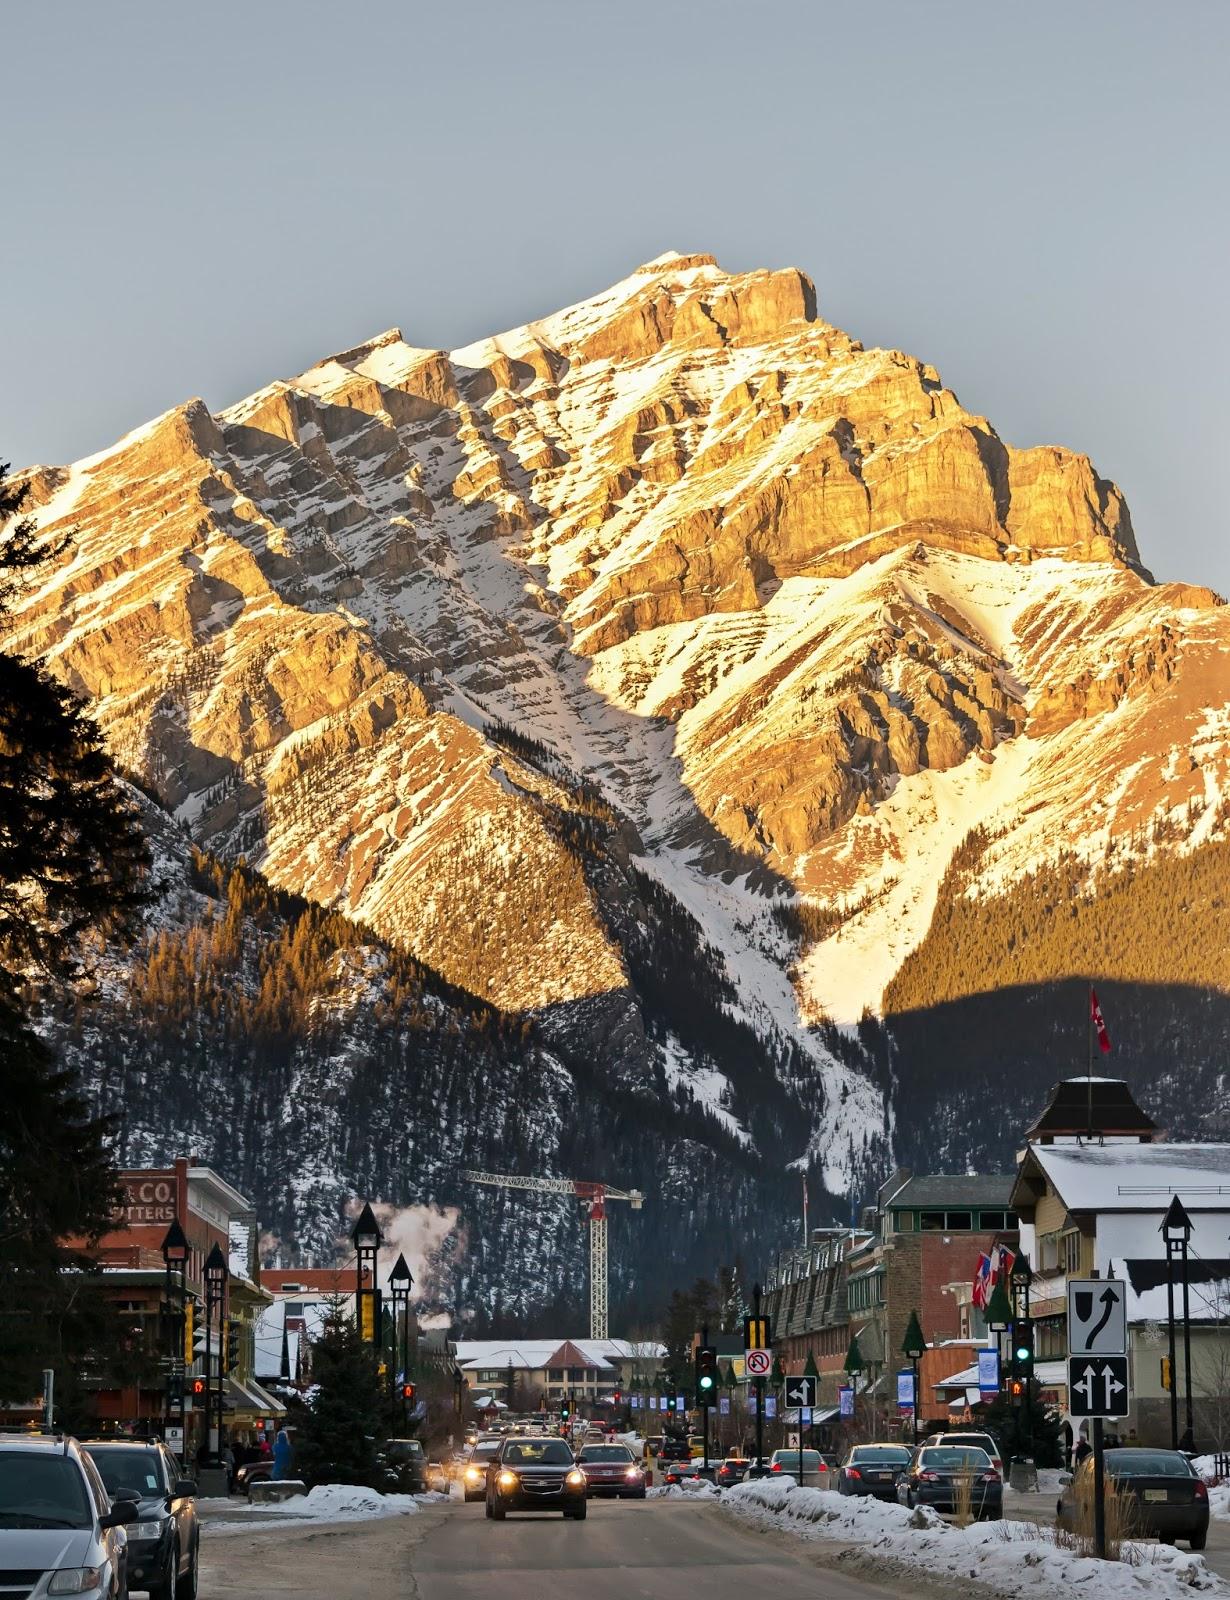 Banff Village in Winter, Canada